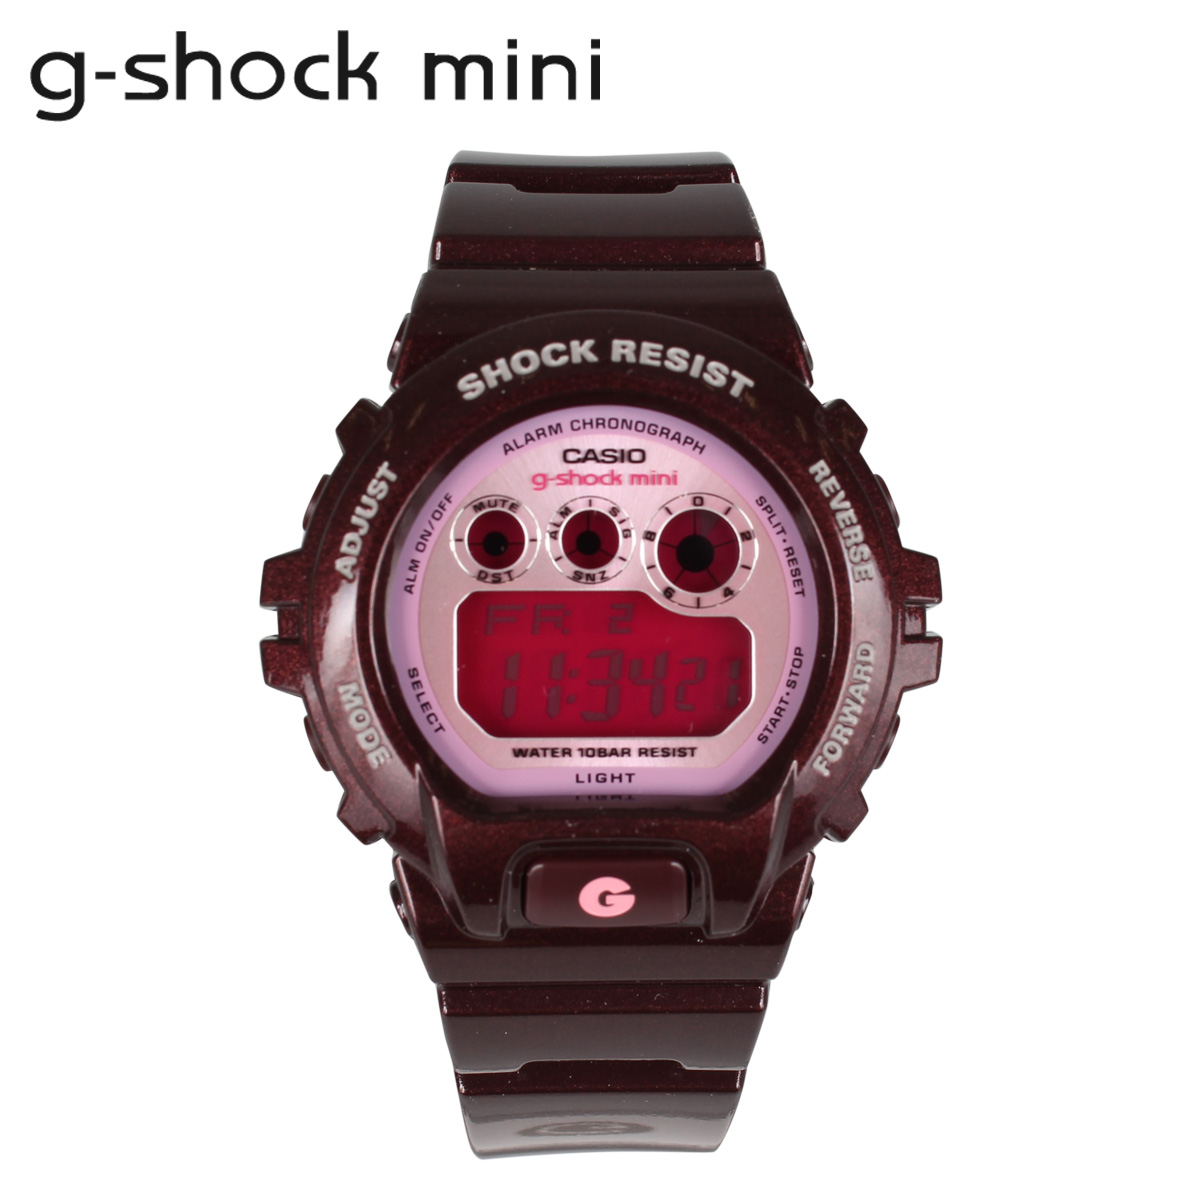 Point 10 x Casio GMN-692-5JR CASIO g-shock mini watch mens ladies watch